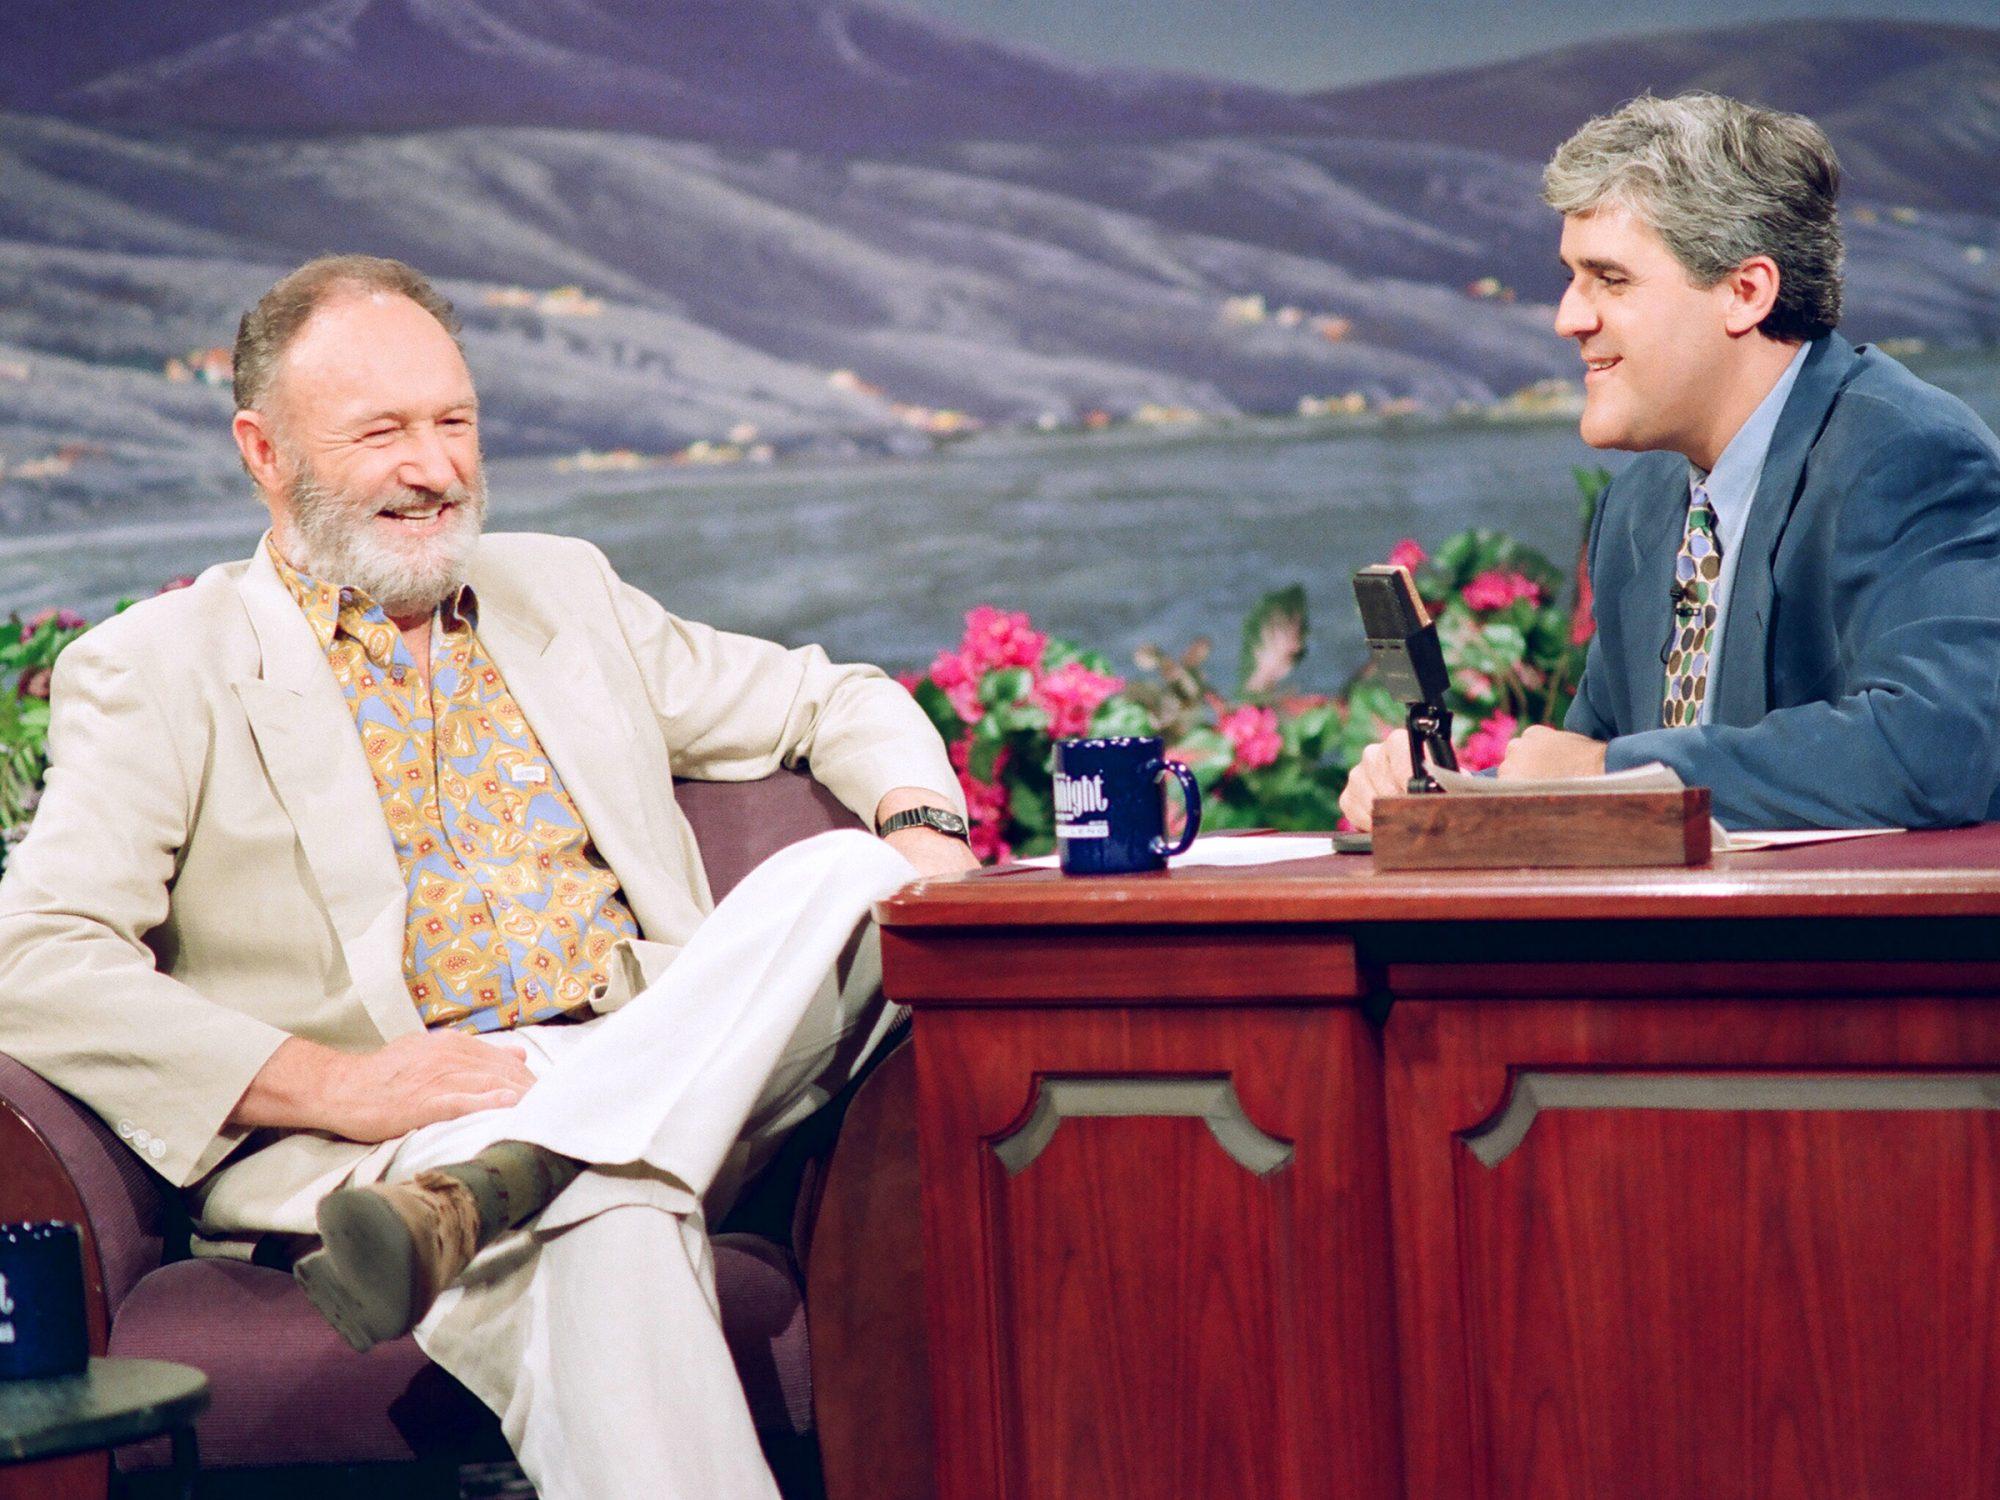 The Tonight Show with Jay Leno - Season 2